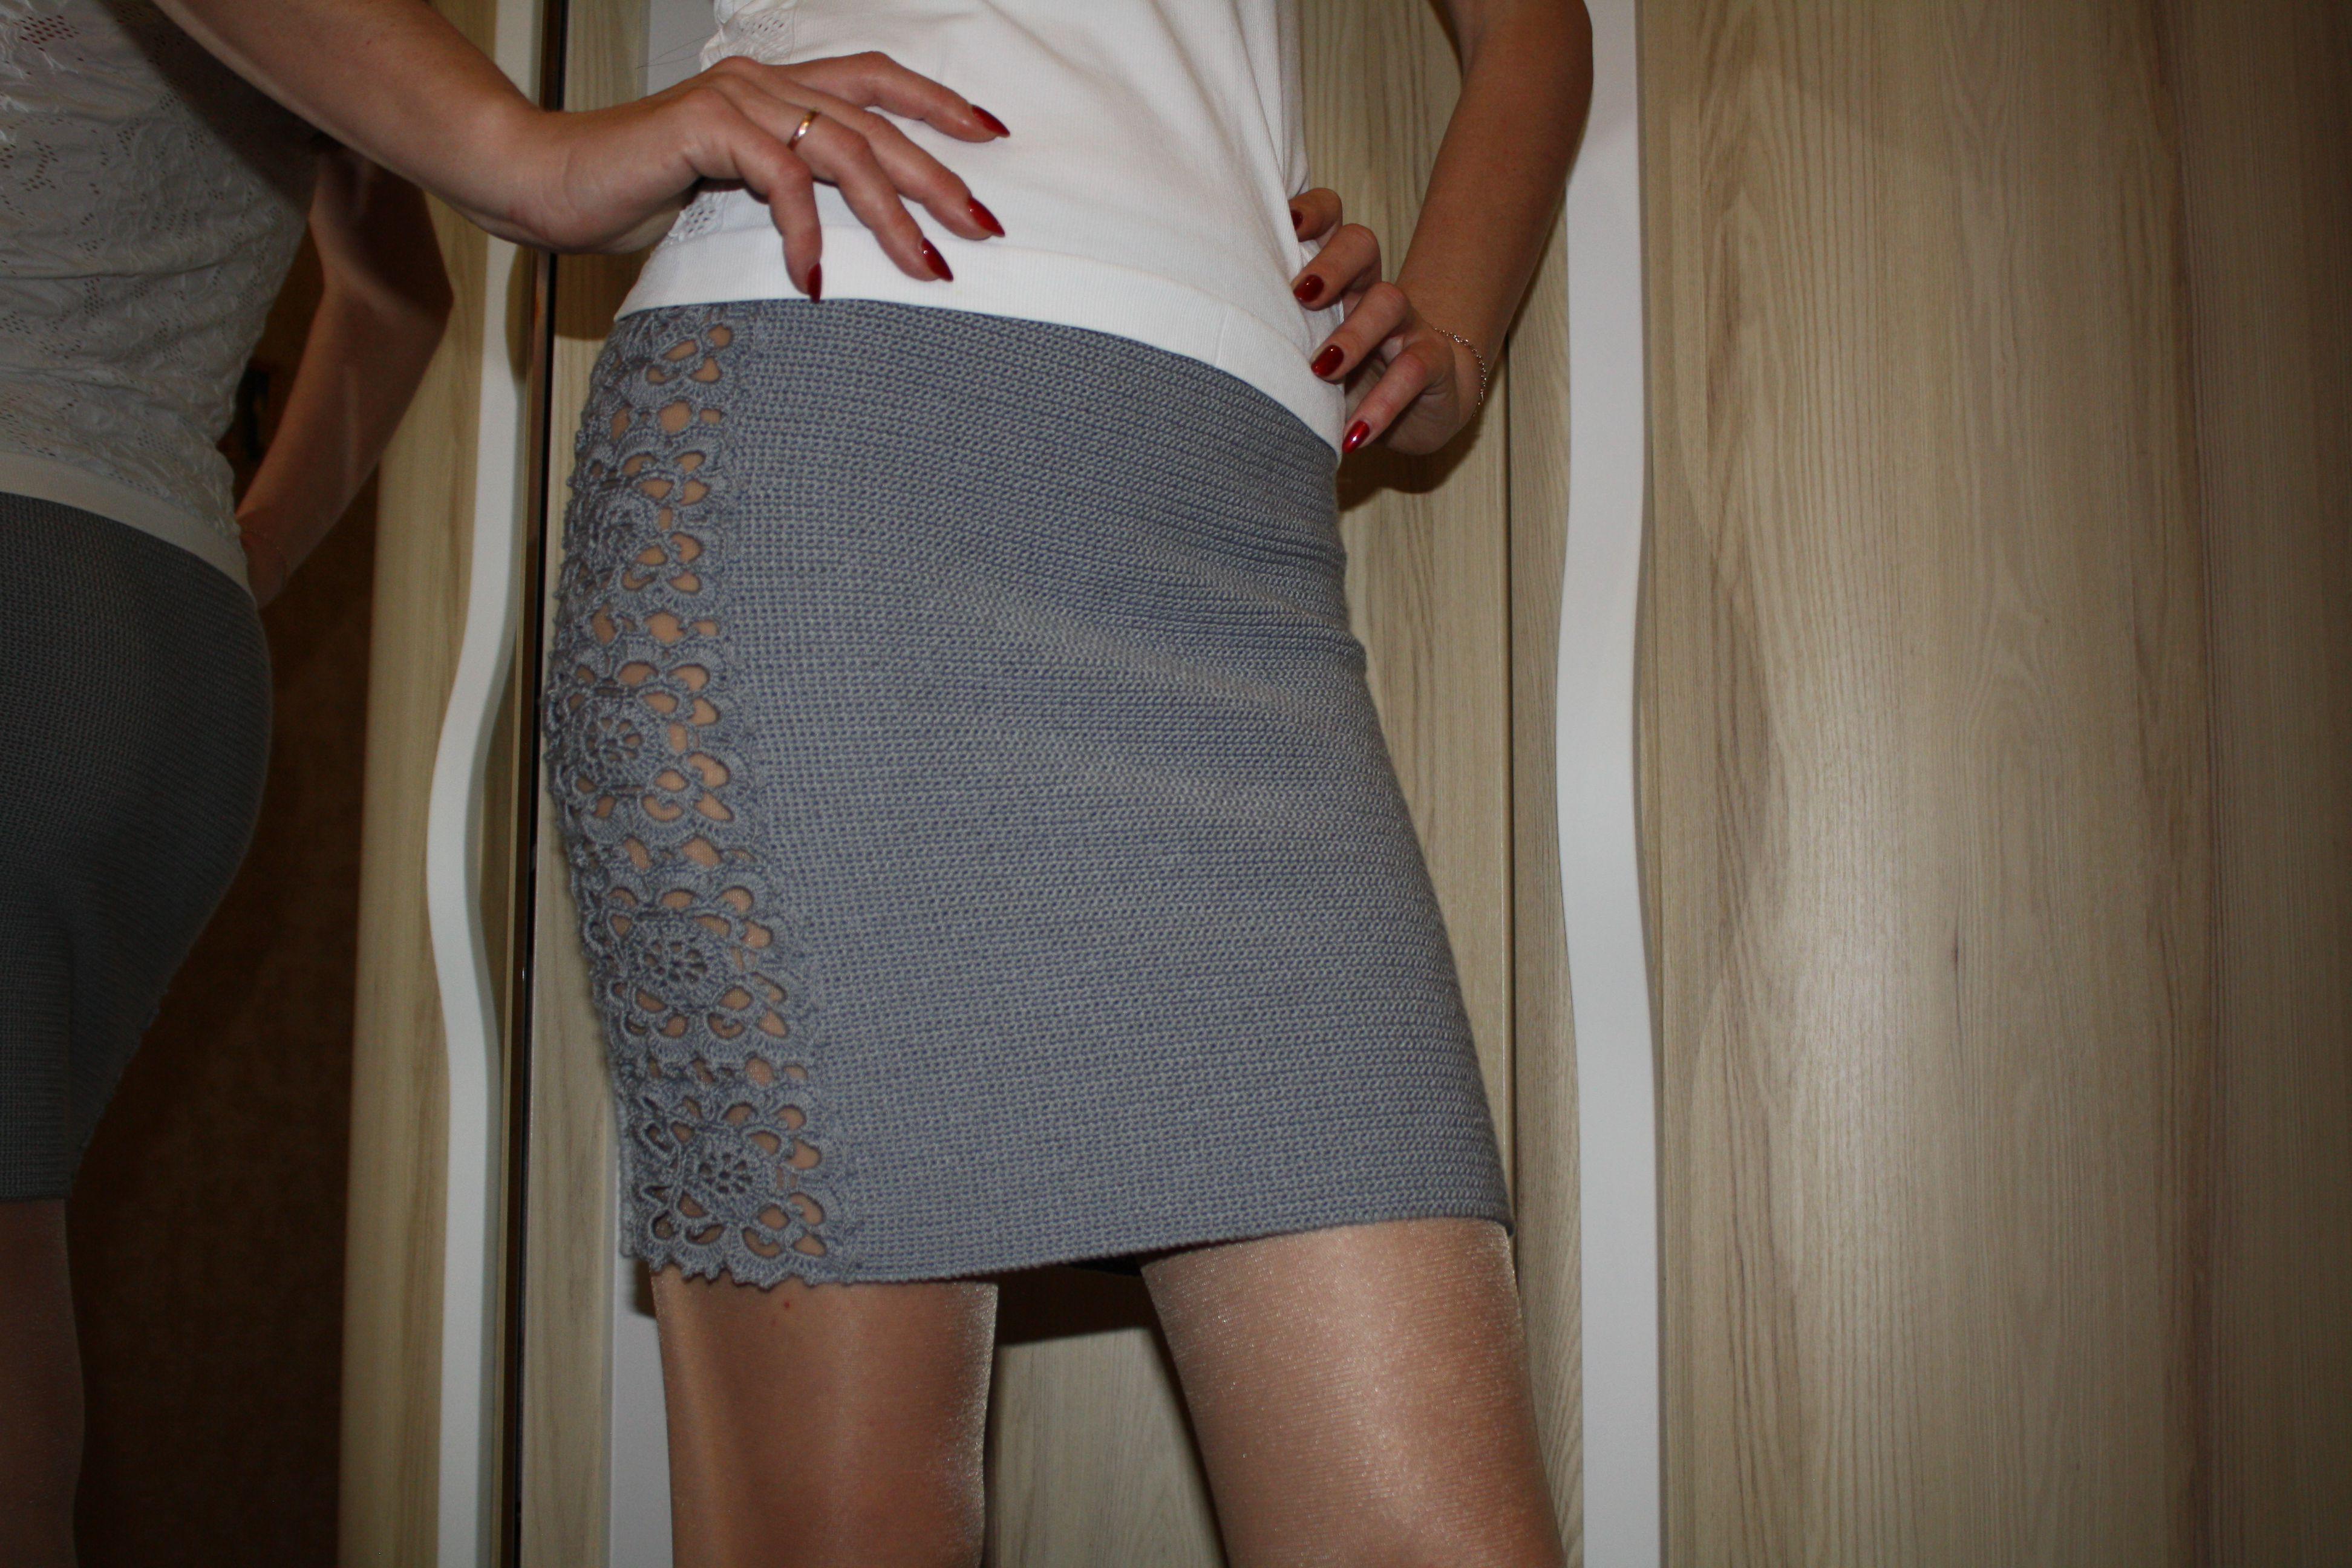 стрейч элегантный крючком юбка секси одежда вязаная образ кружева для стильно красивая женщин